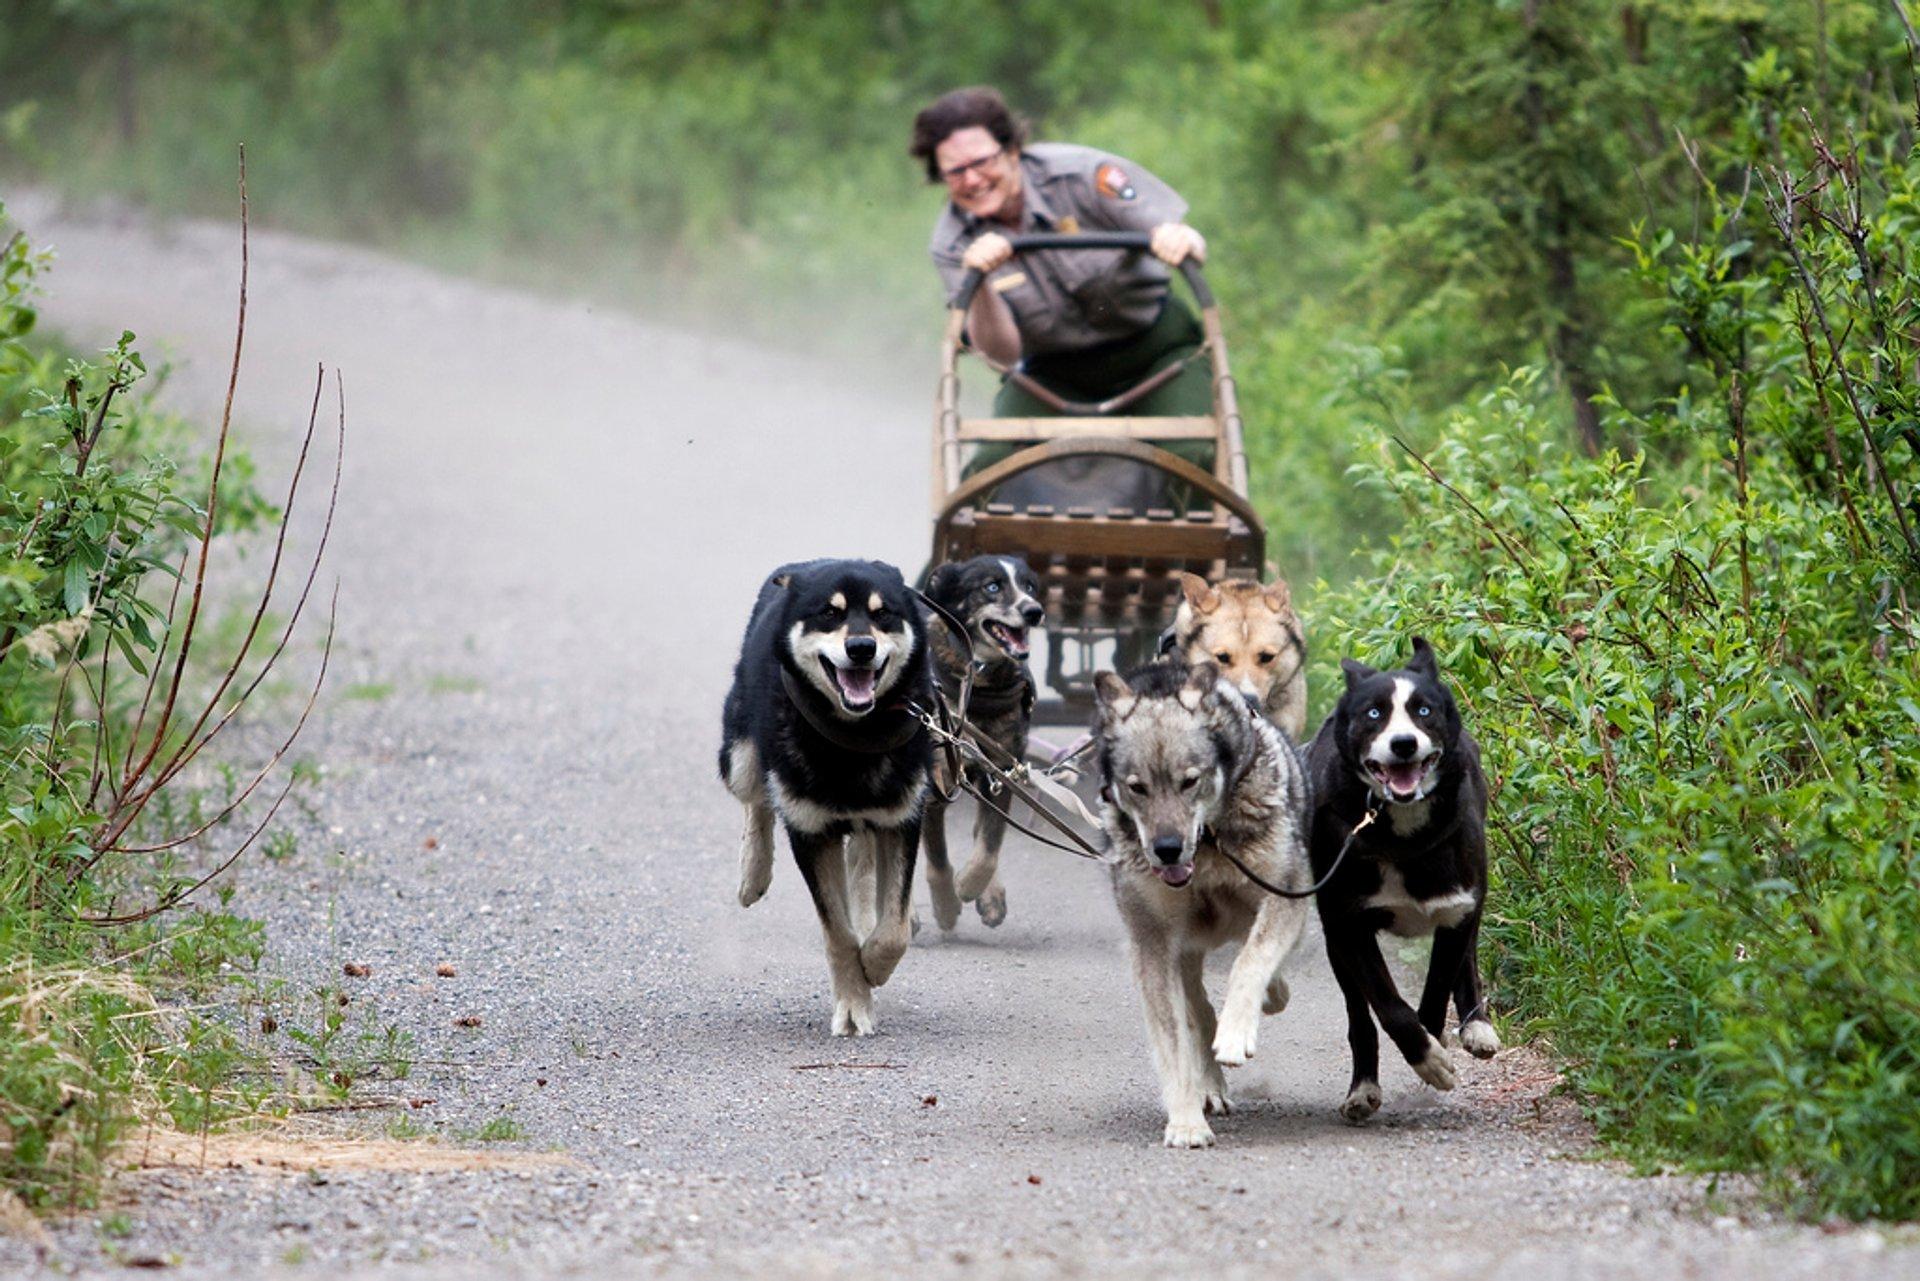 Summer Dog Sledding in Alaska 2019 - Best Time